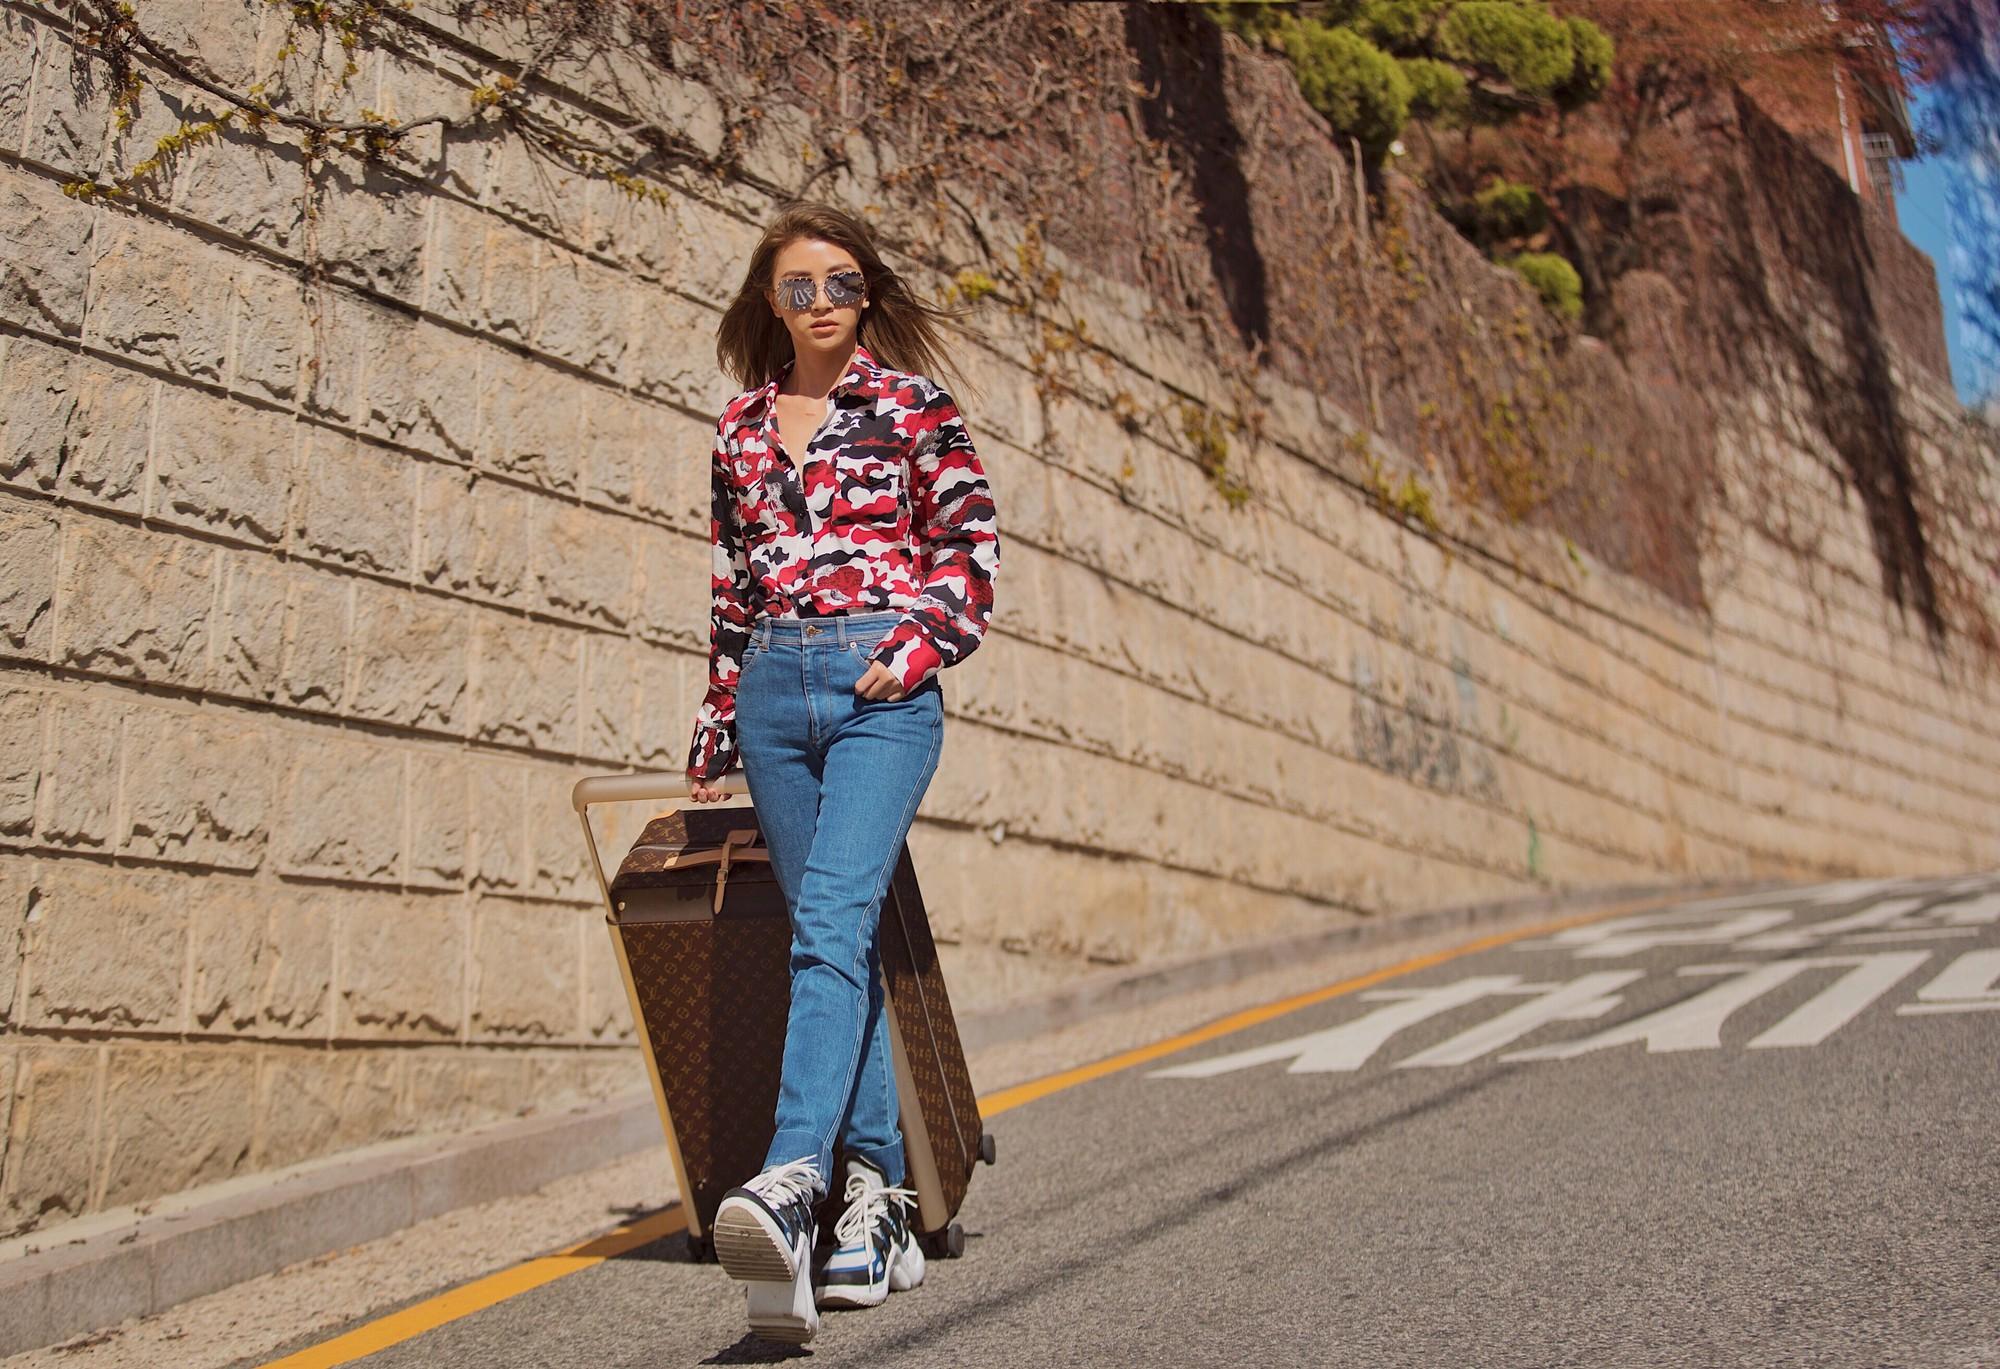 Vừa dứt kỳ nghỉ ở Mỹ, Quỳnh Anh Shyn đã bay thẳng qua Hàn ăn tối cùng Louis Vuitton - Ảnh 3.